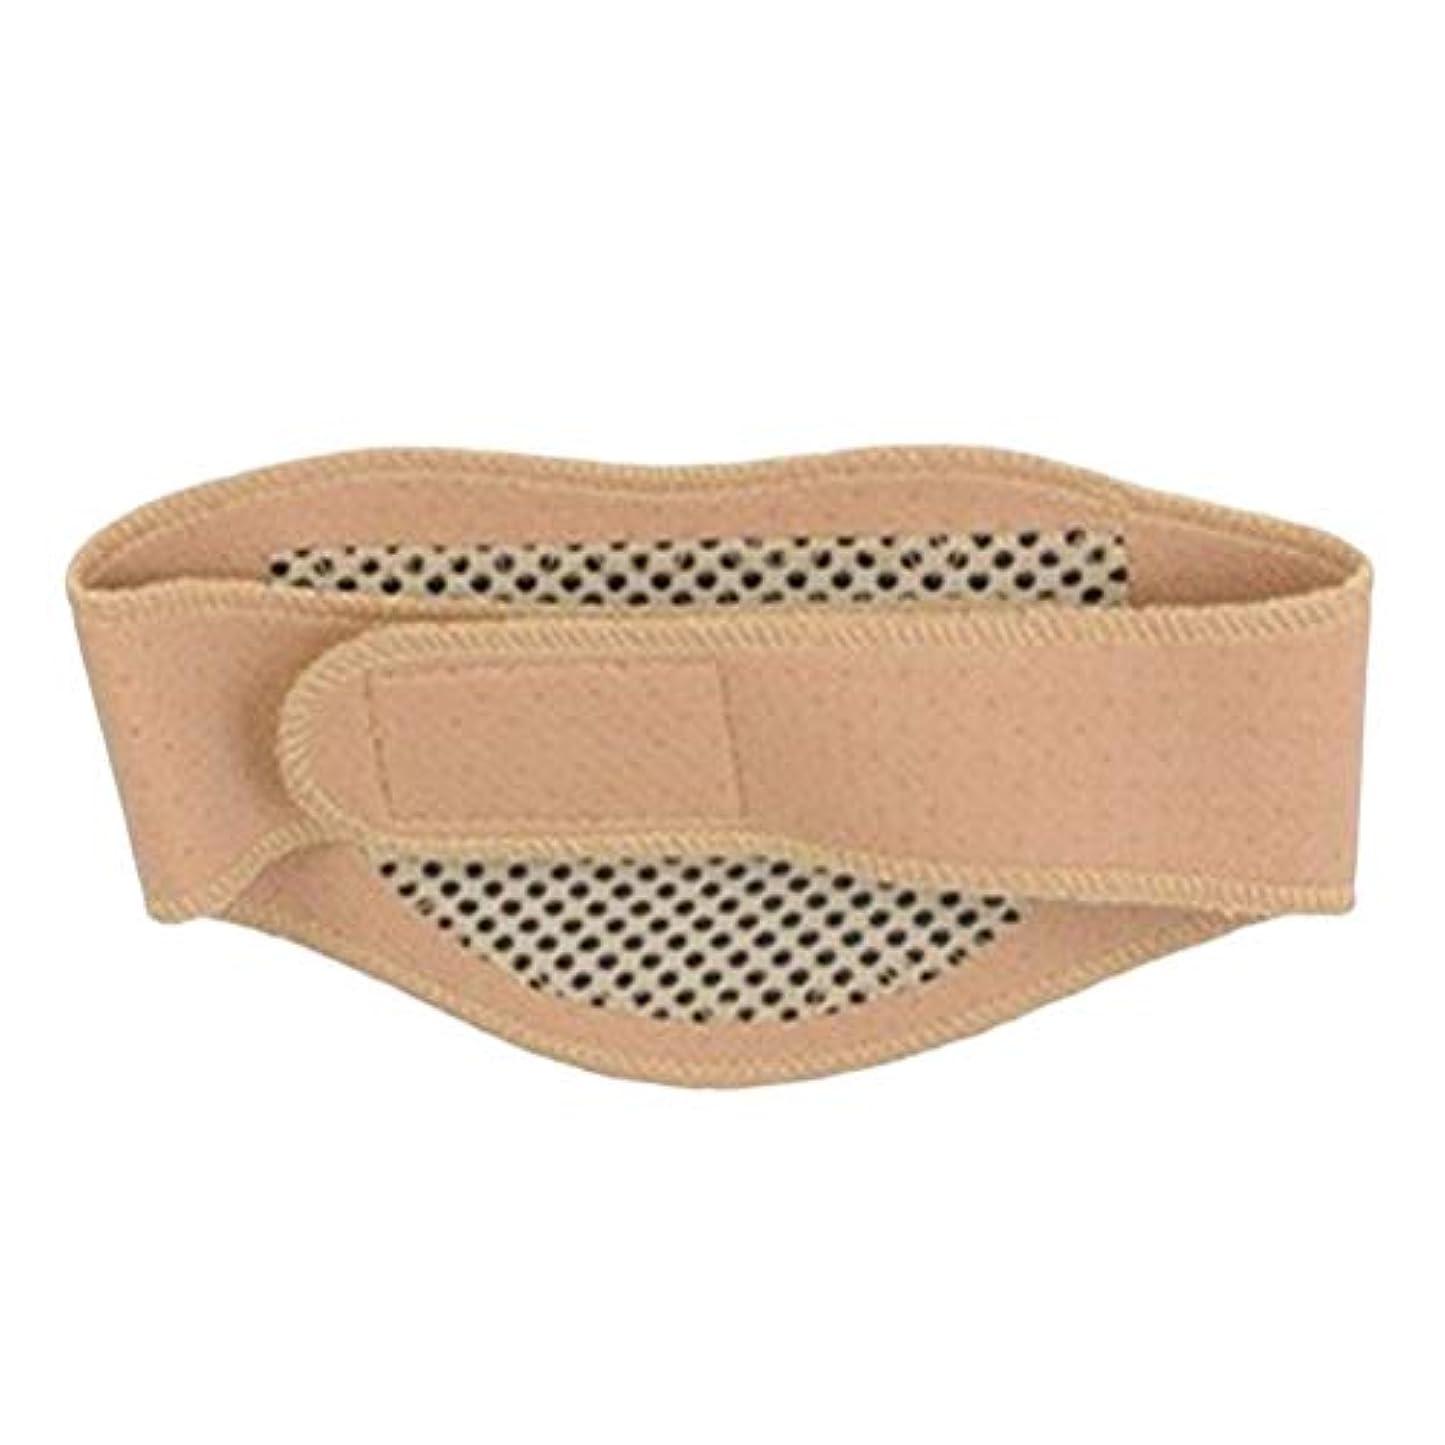 返済中央値心理的にSUPVOX ネックバックストラップサポート自己保護頸椎自発暖房ガード磁気療法ネックブレース